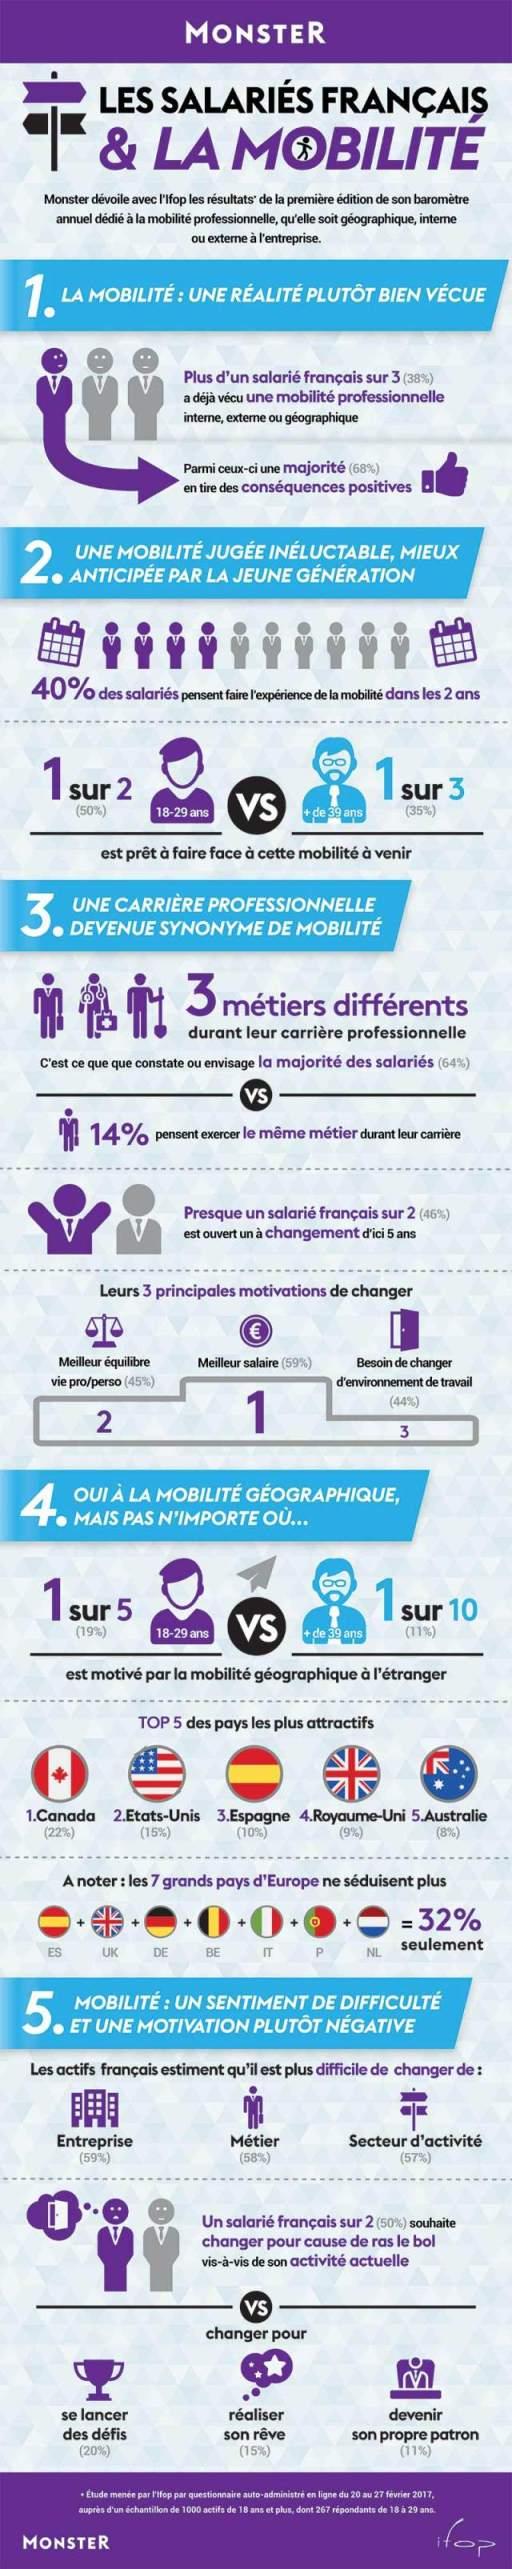 Infographie : la mobilité des salariés Français